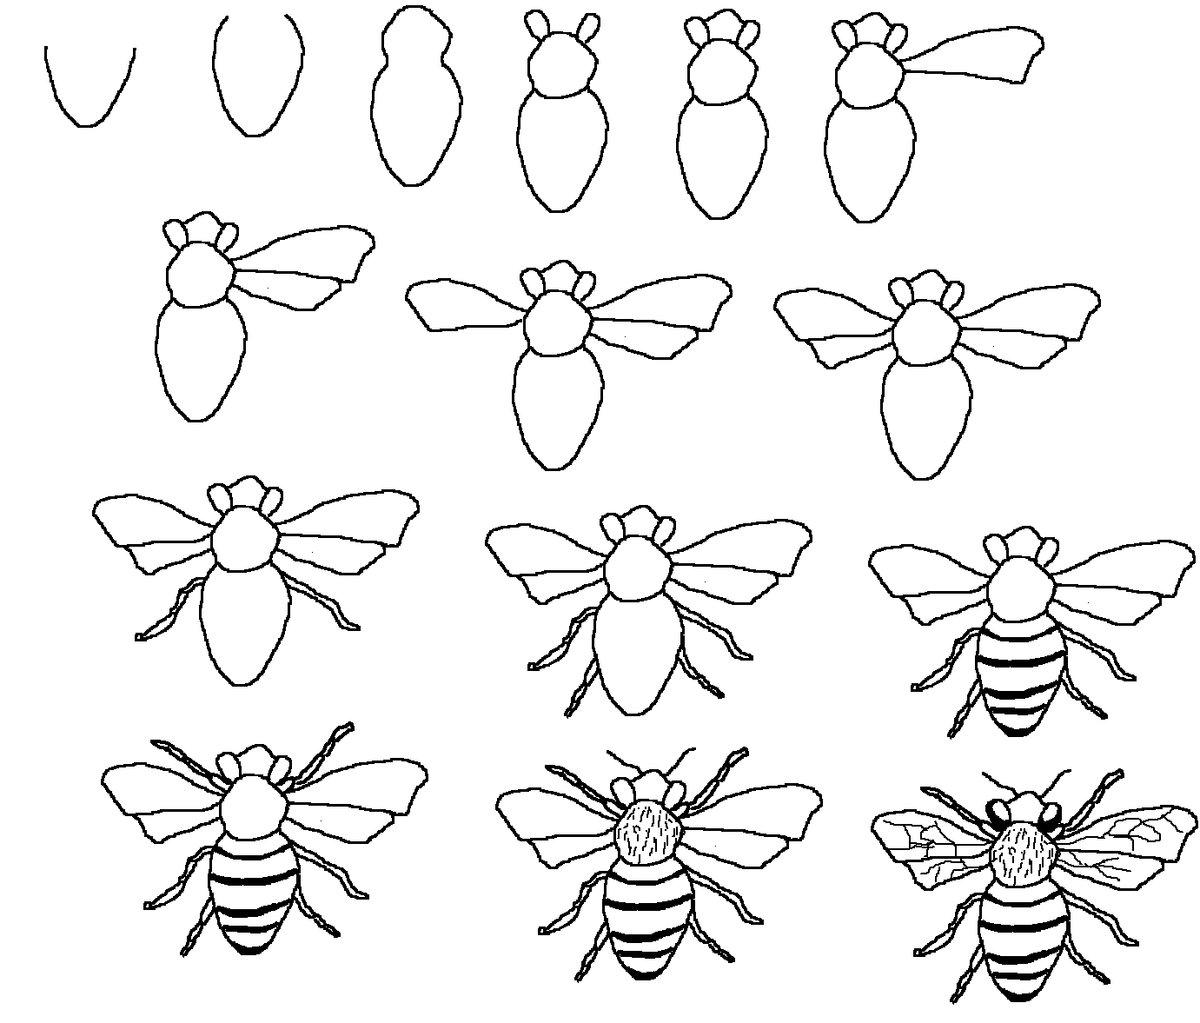 картинки схематических рисунков